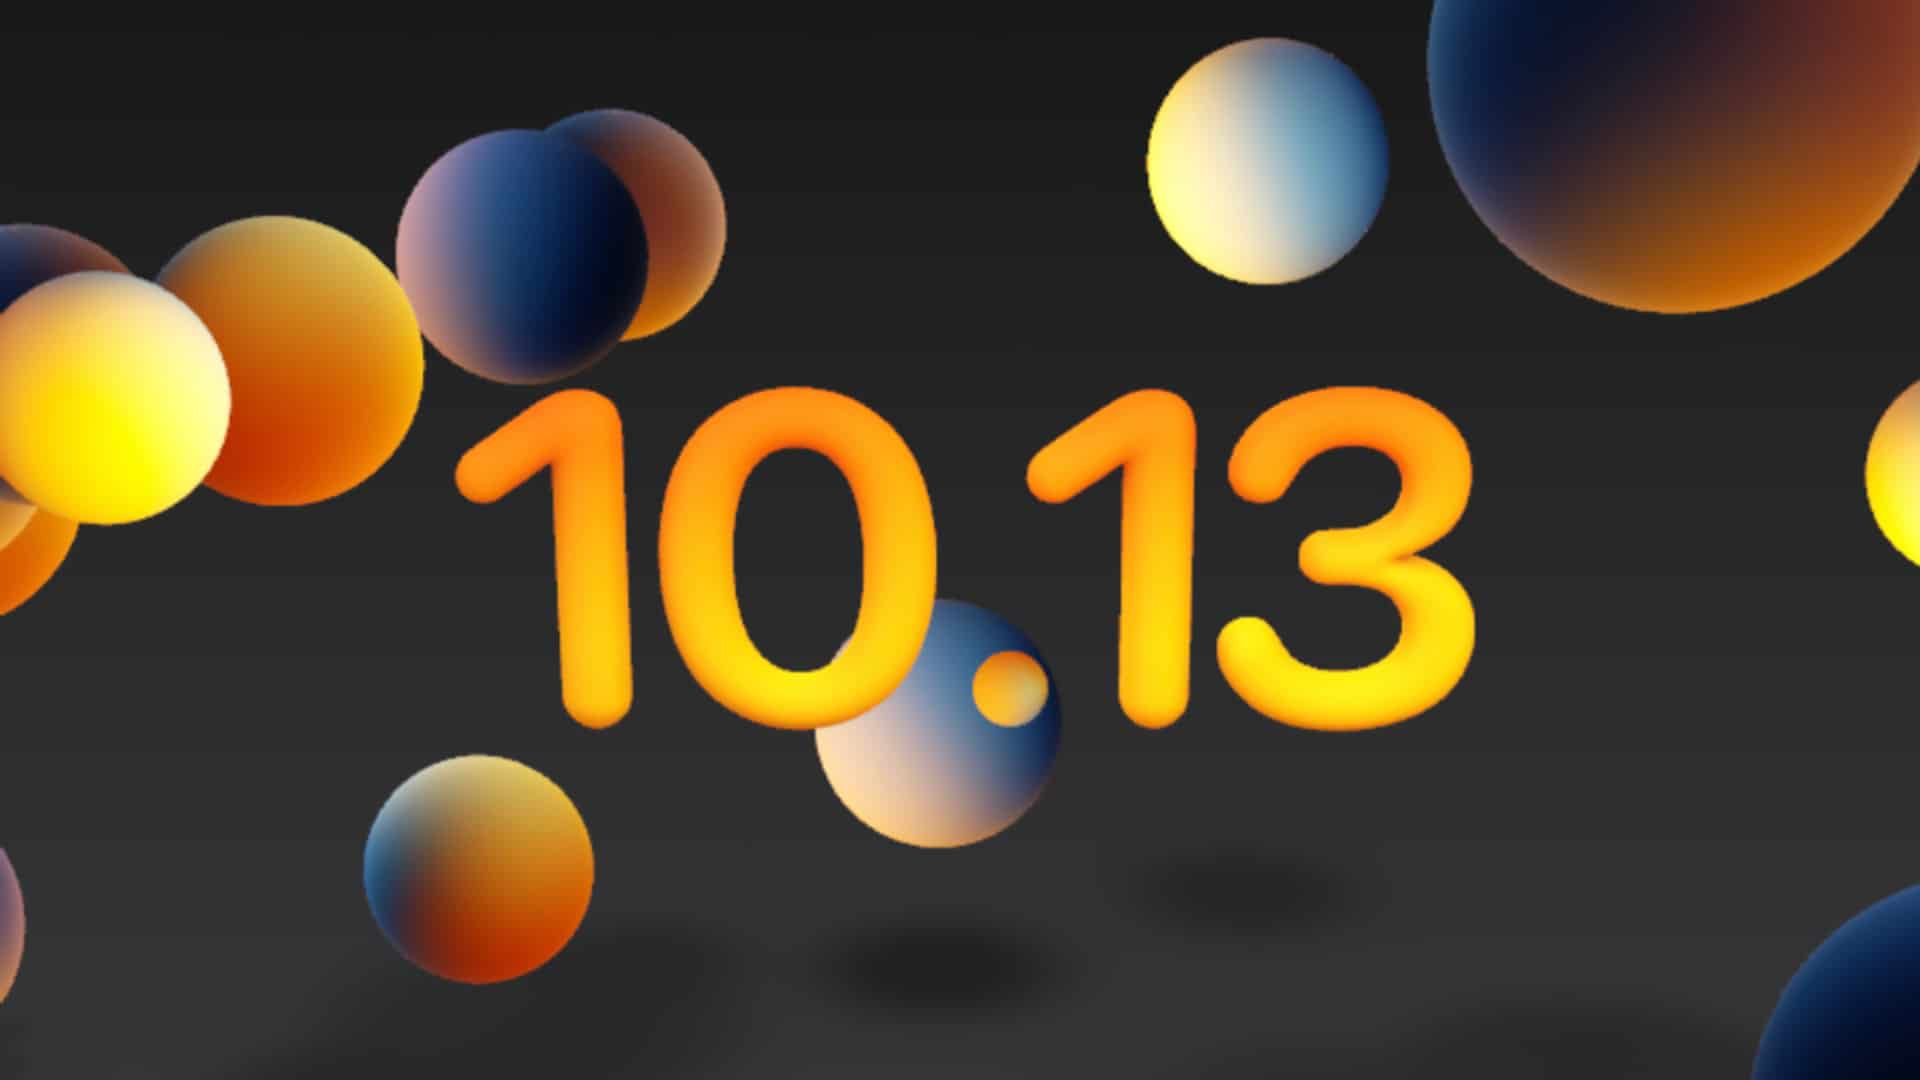 Apples tema billede til 10.13 Keynote